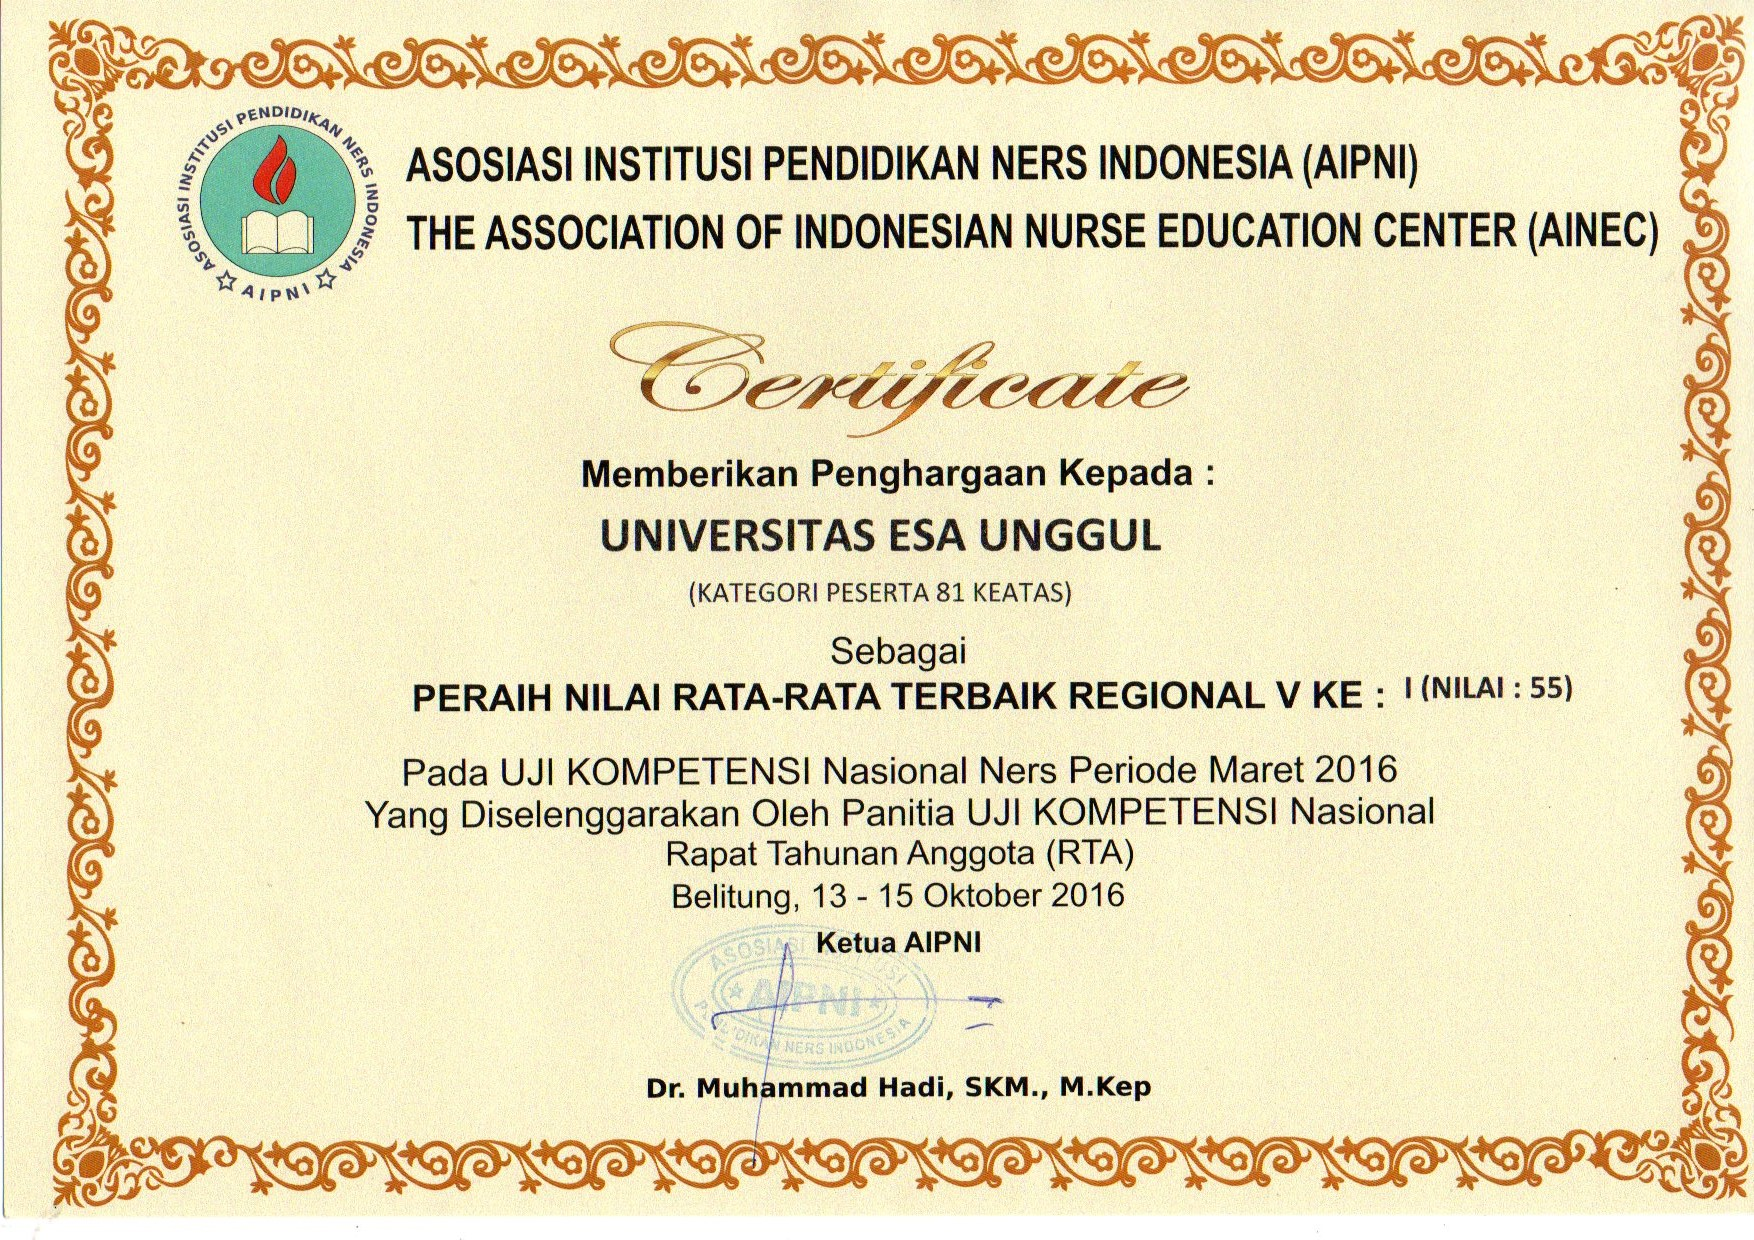 Sertifikat Peraih Nilai Rata2 Terbaik PERTAMA Uji Kompetensi Nasional Ners Priode Maret 2016